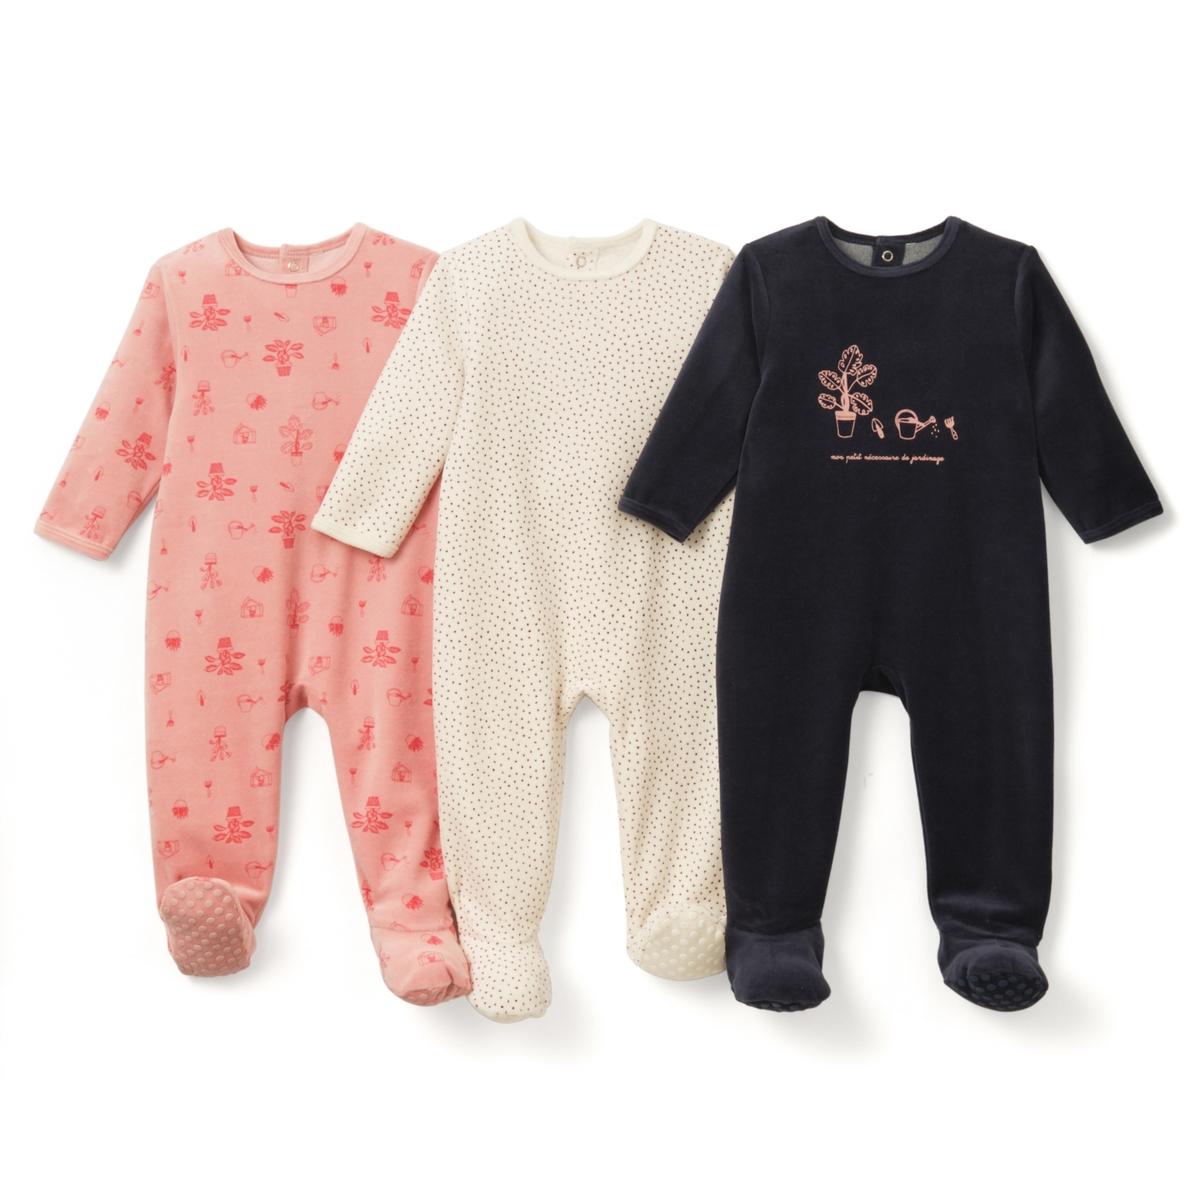 3 пижамы из велюра, 0 мес. - 3 года пижамы la pastel пижама кофта с запахом длинный рукав штаны длинные белый голубой размер xl